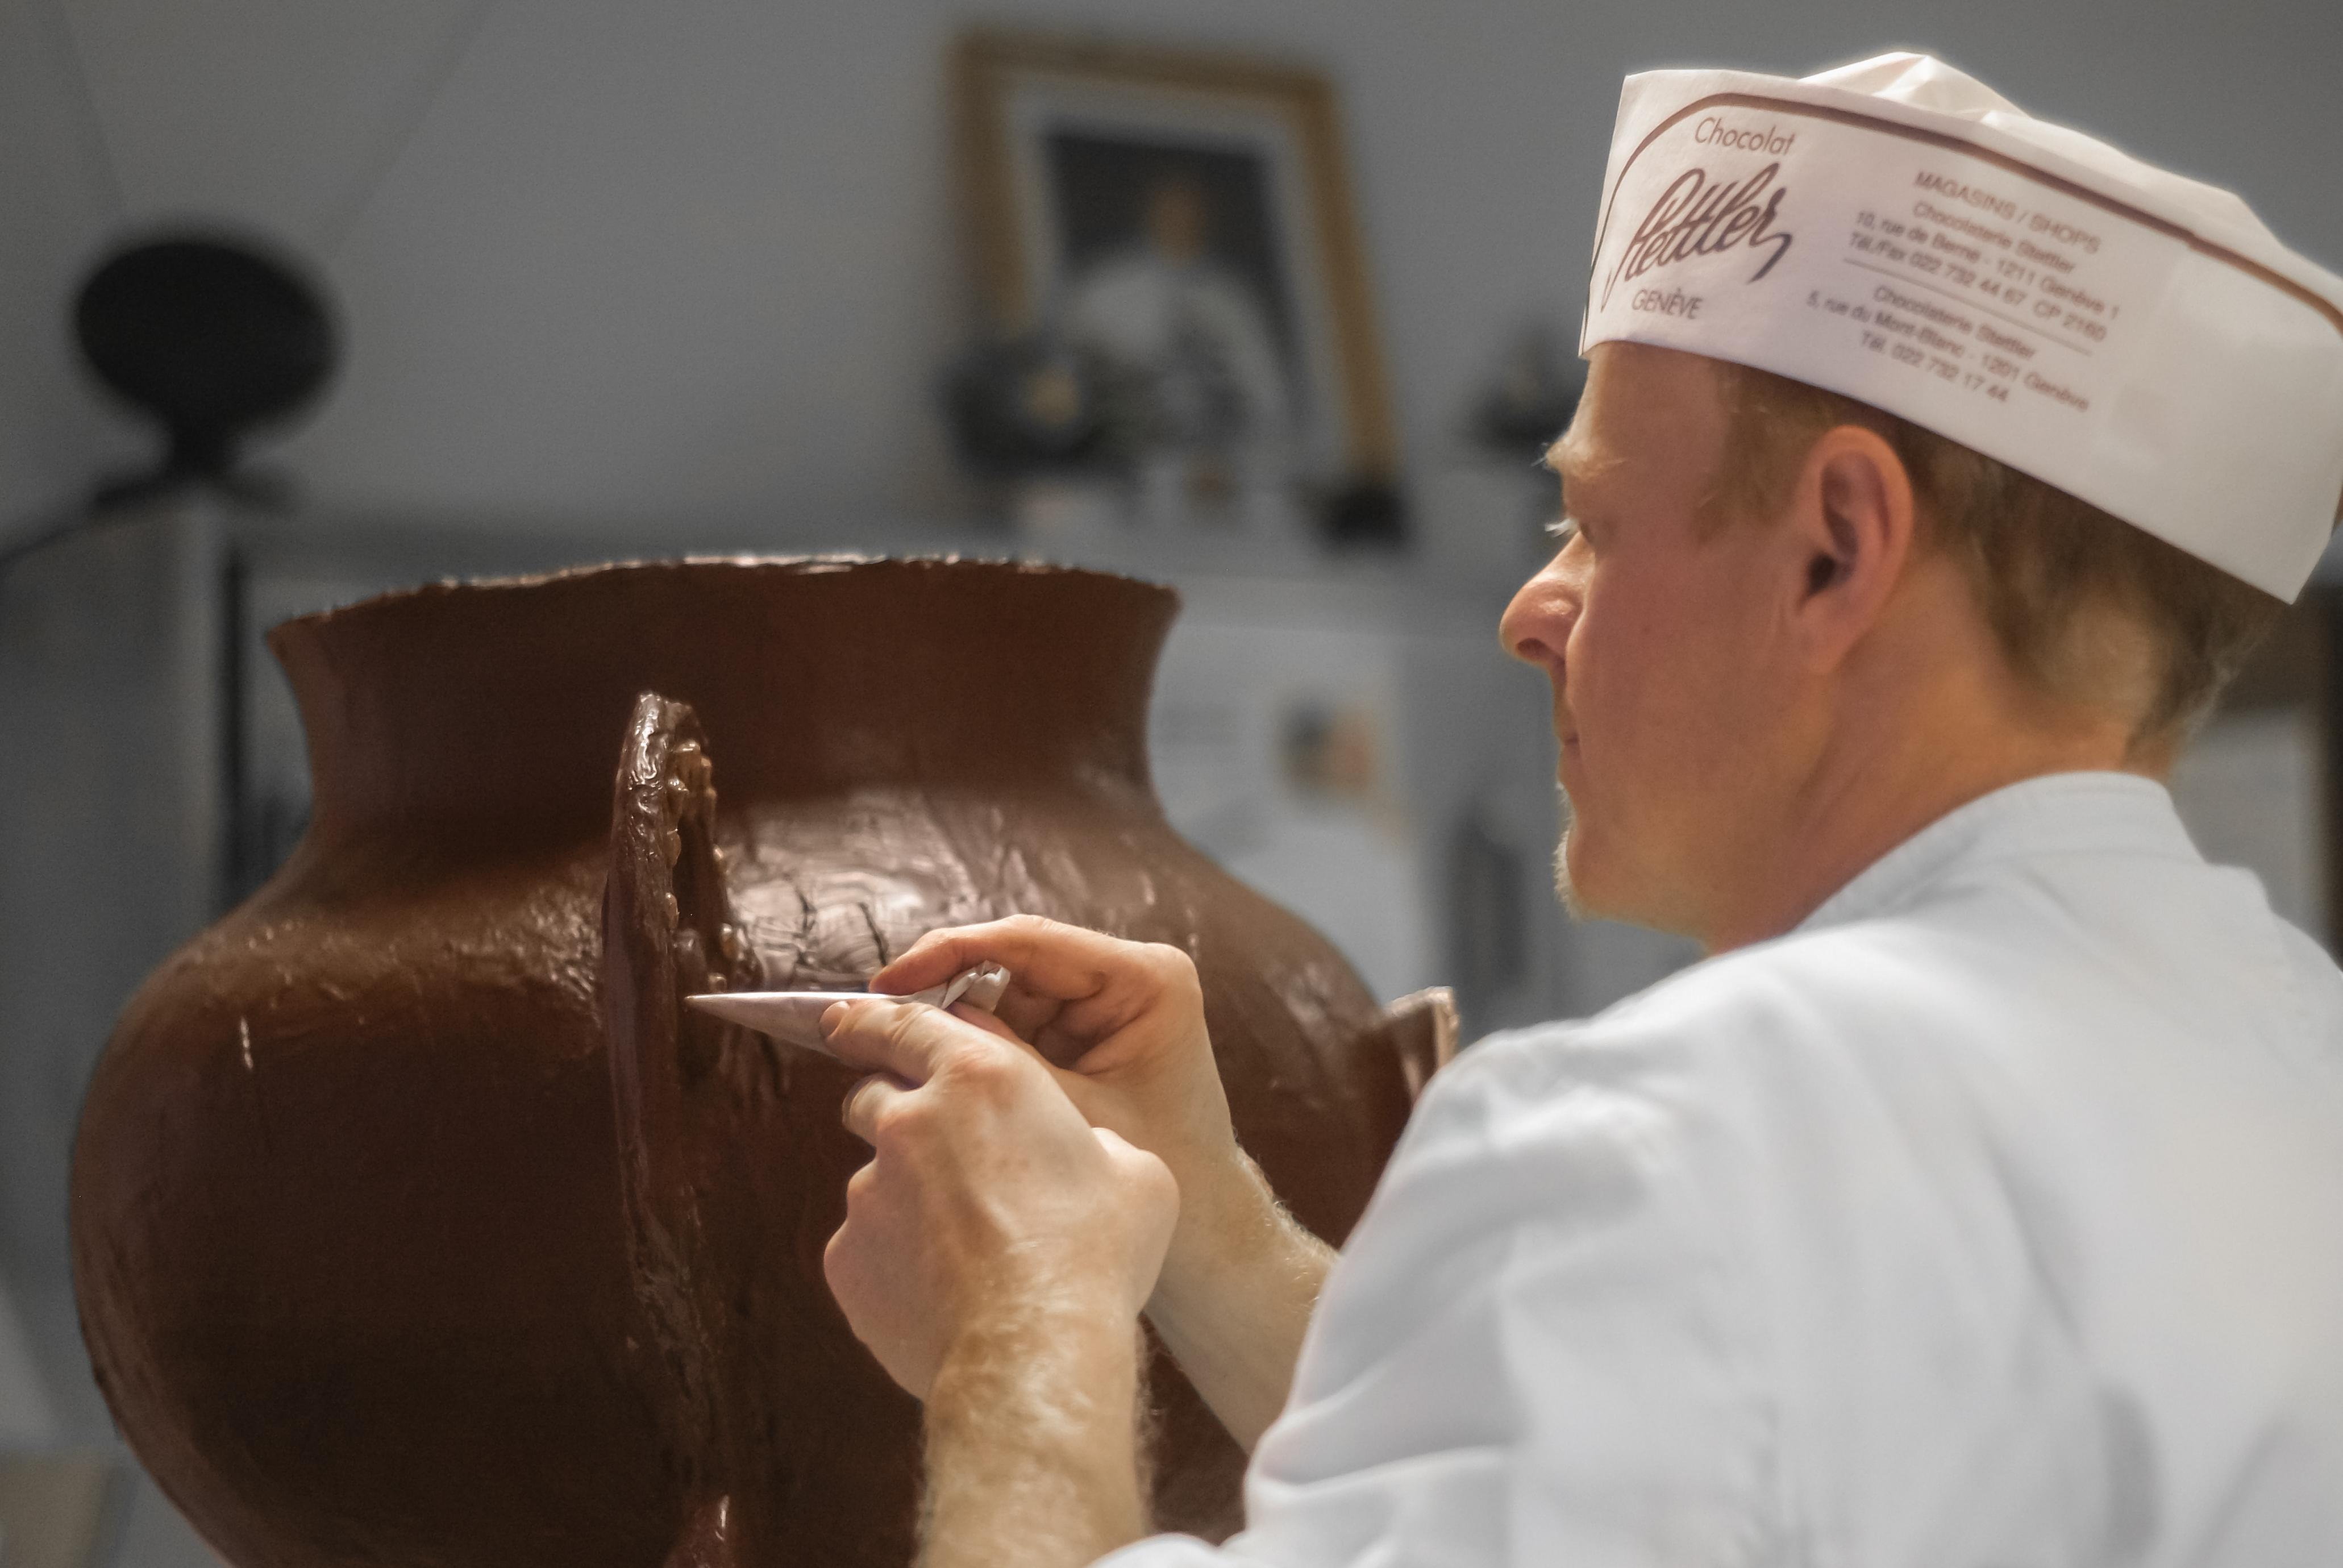 Dessert traditionnel de Suisse romande - Marmite en chocolat de l'Escalade à Genève